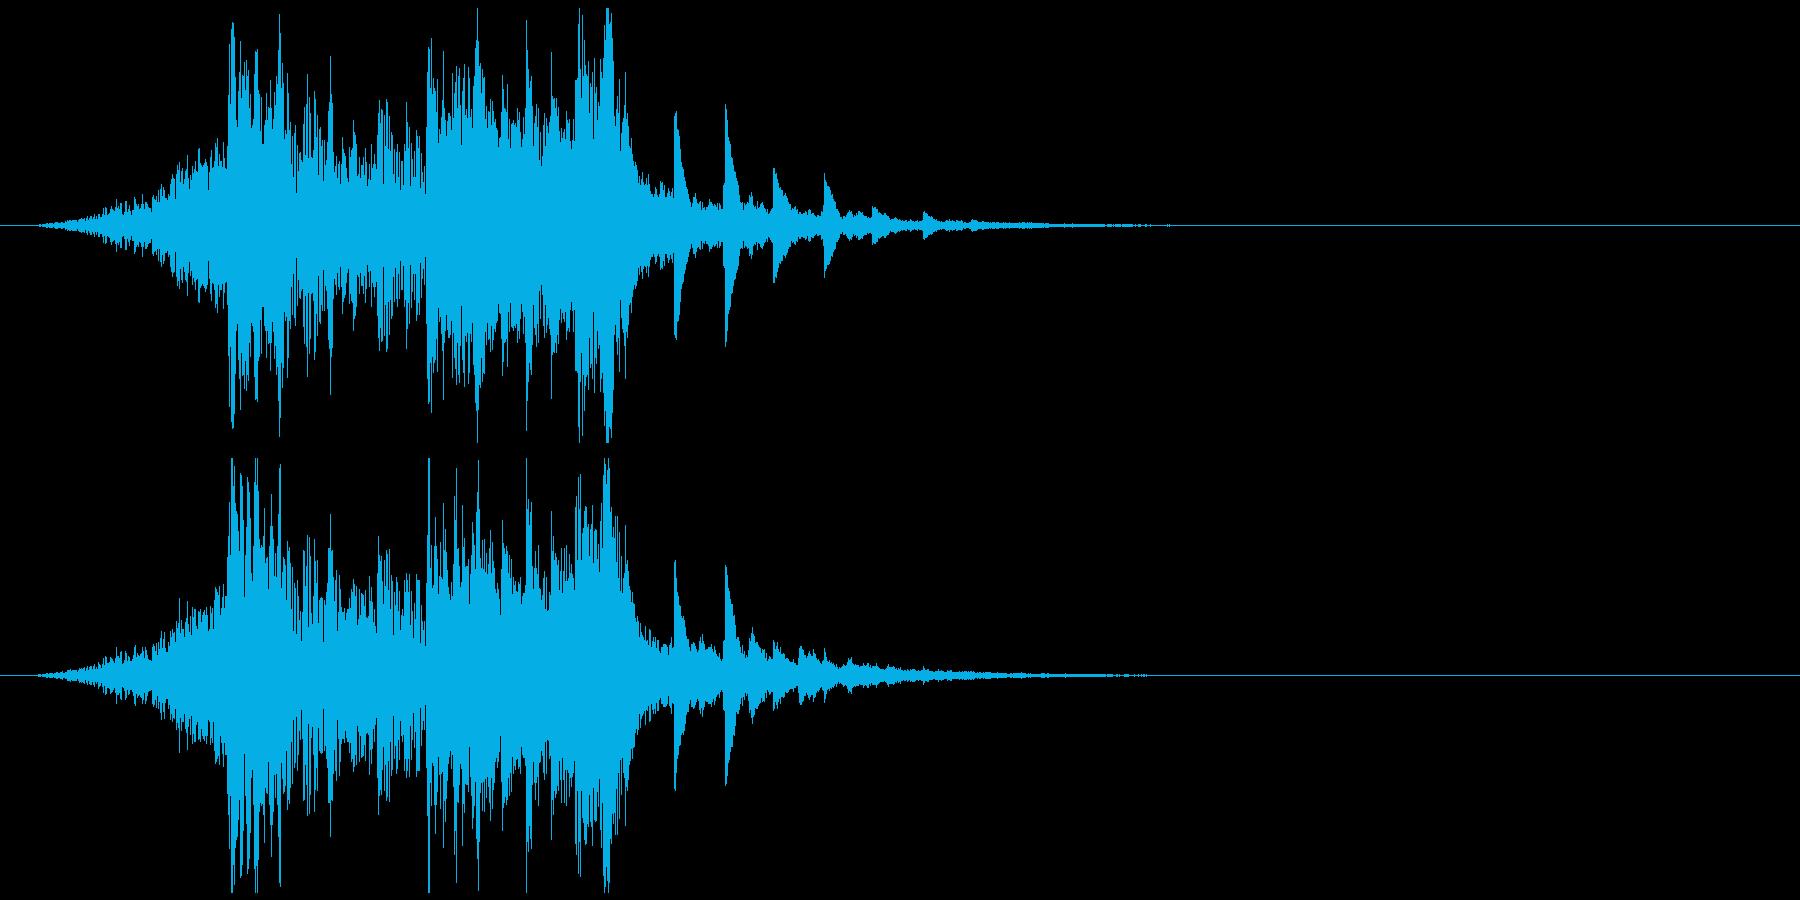 ロゴ系ジングル IT企業風インパクトの再生済みの波形